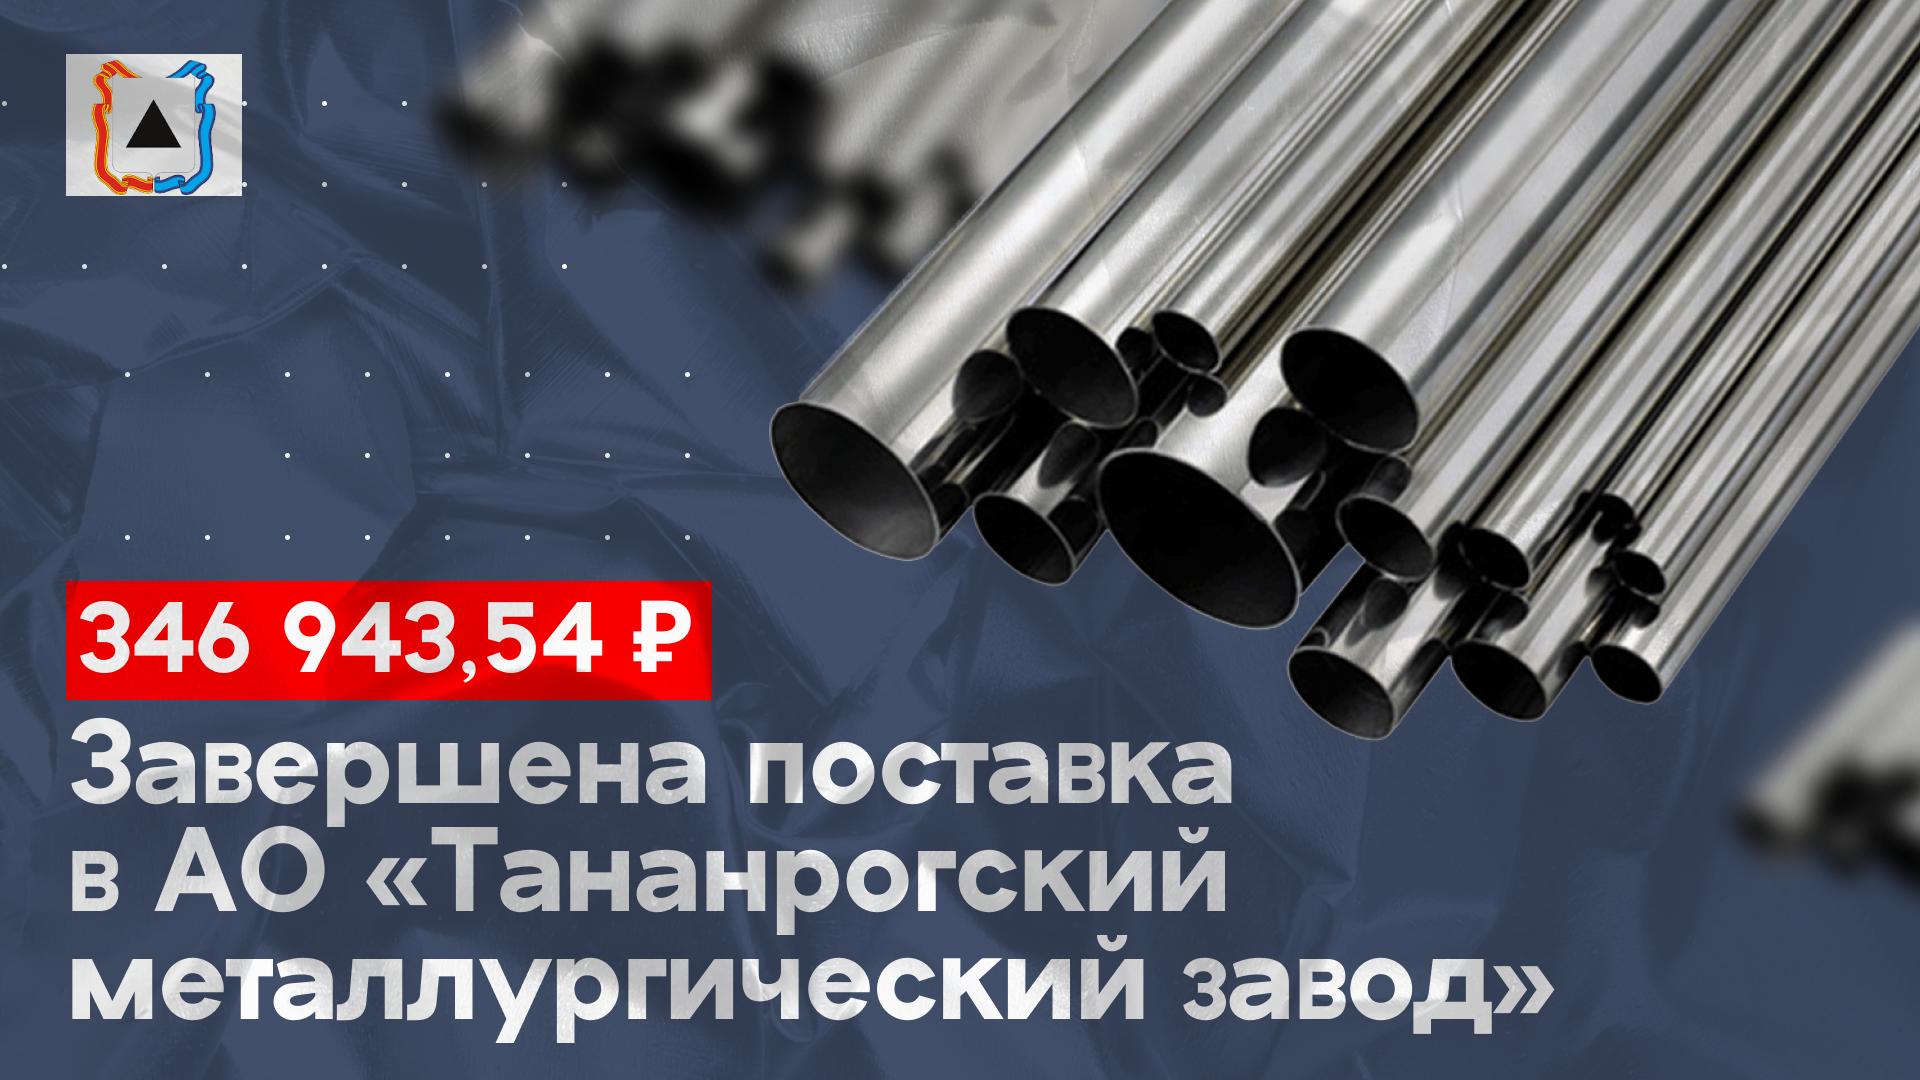 Произвели поставку в администрацию города Магнитогорска на сумму 346 943,54 руб.